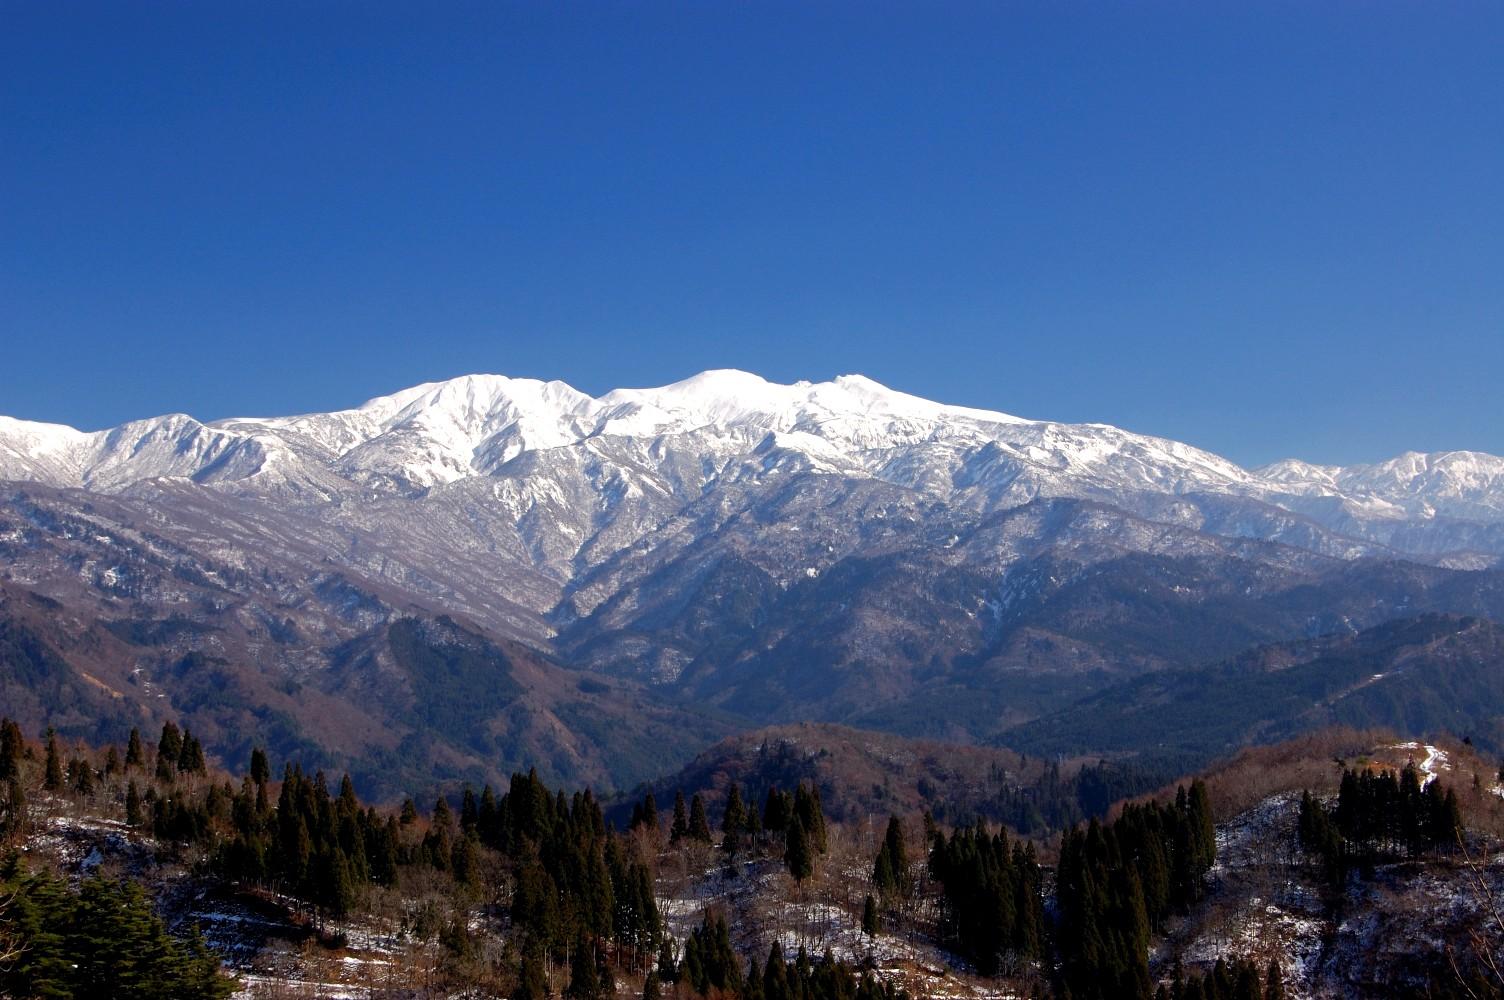 白い雪をかぶった白山 白山パノラマ公園 : 3Shot*Style